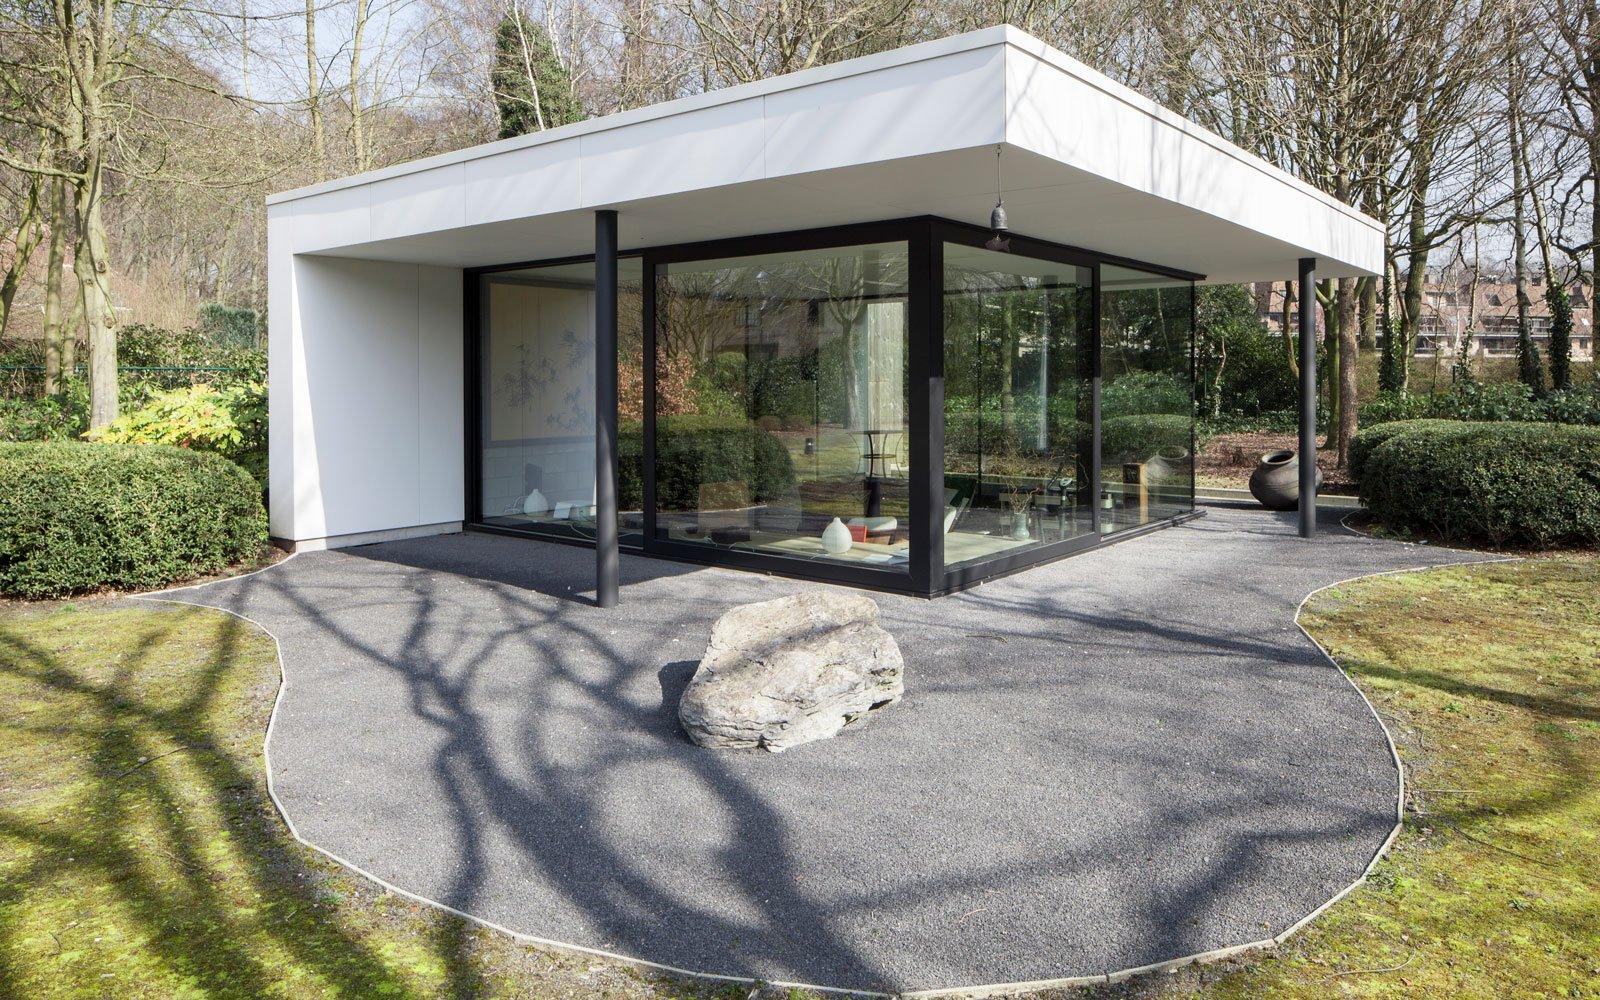 Bijgebouw, glas, grote ramen, schrijnwerk, tuin, renovatie, p.ed architecten